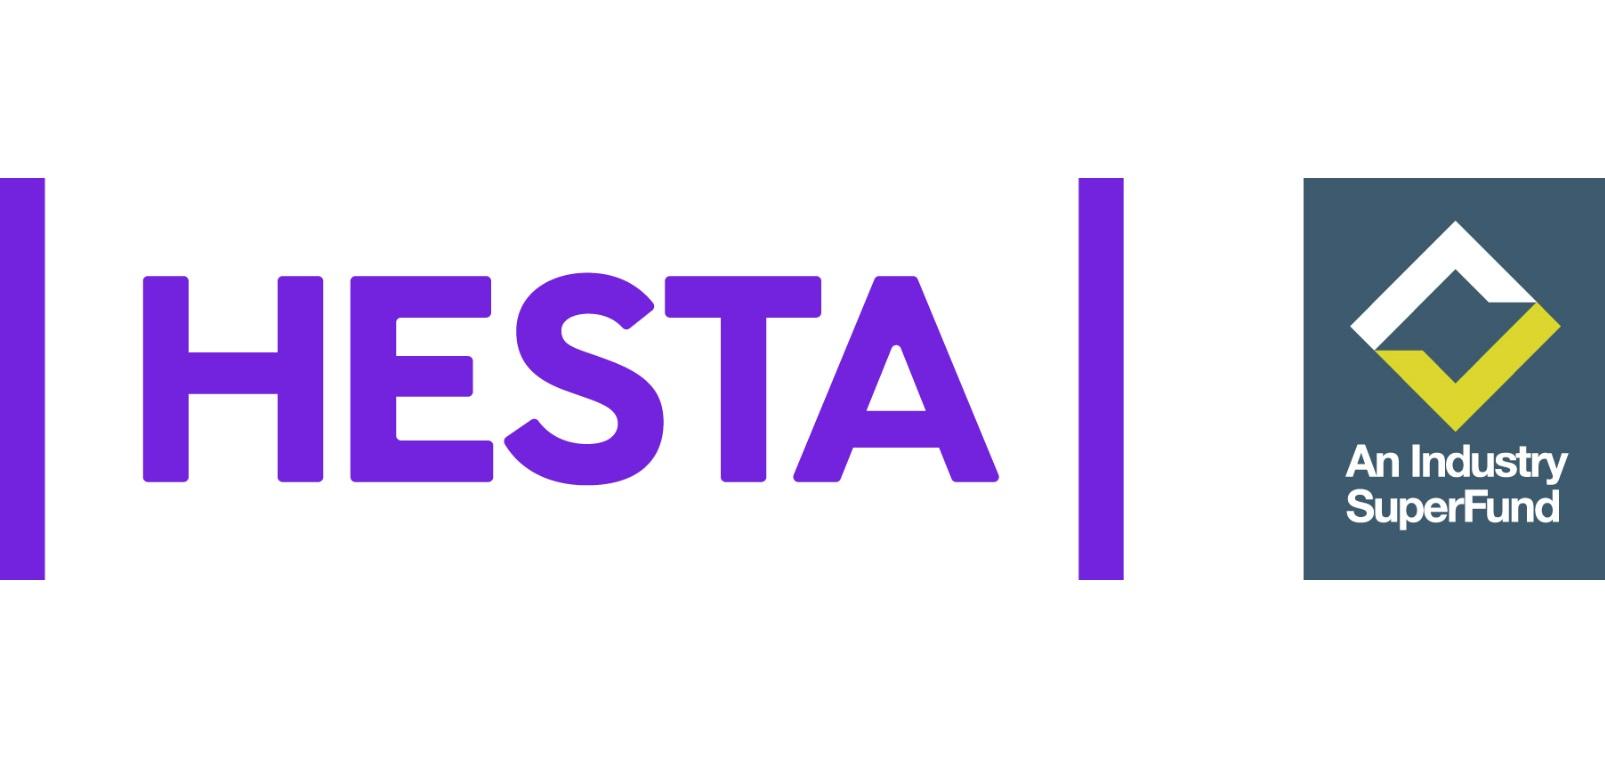 HESTA: An Industry SuperFund